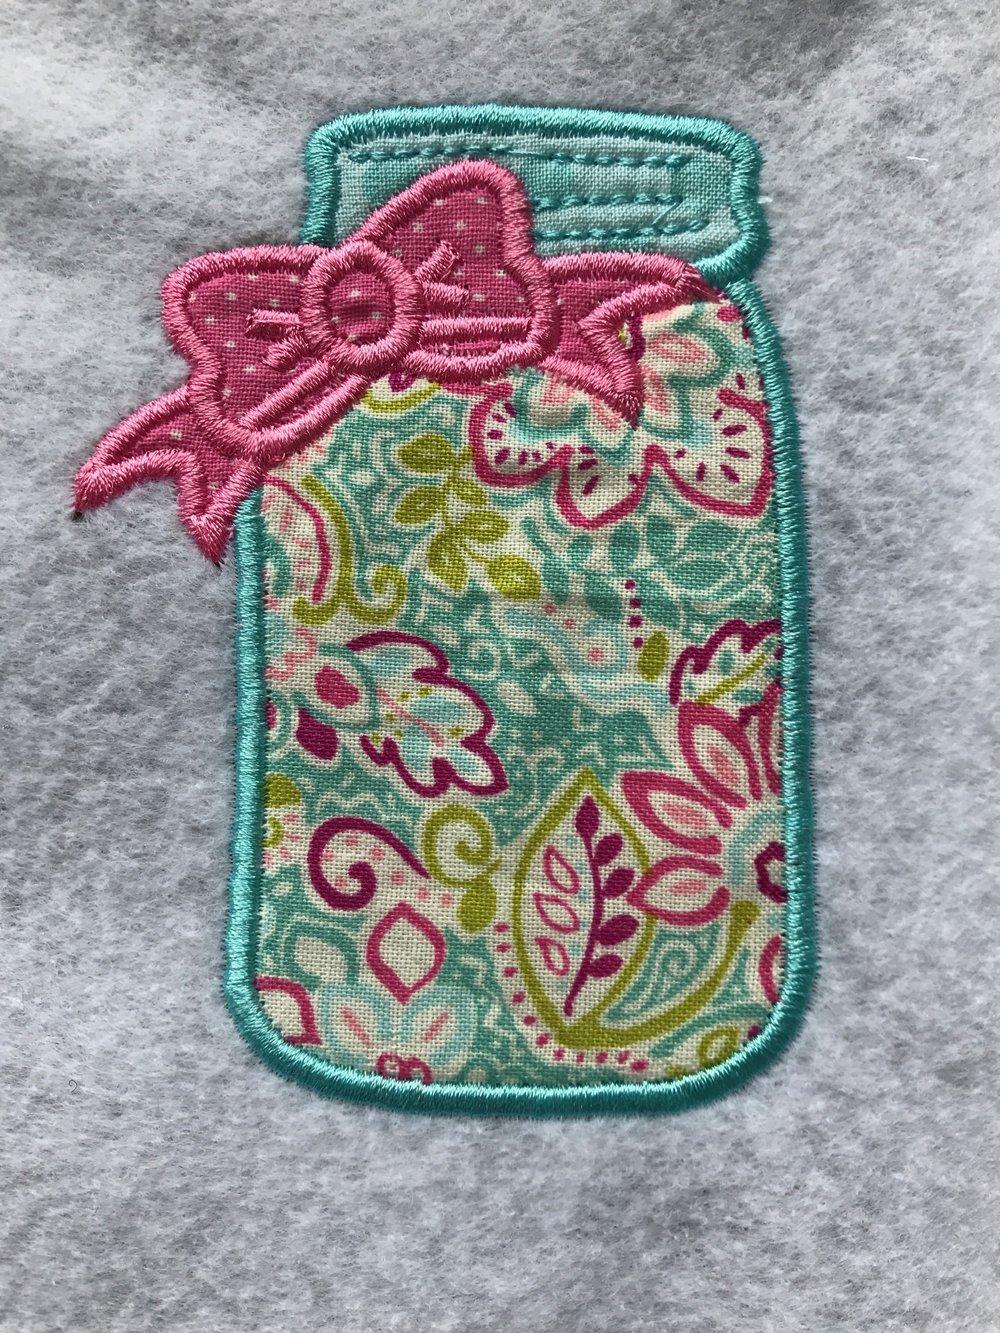 embroidery mason jar.jpeg